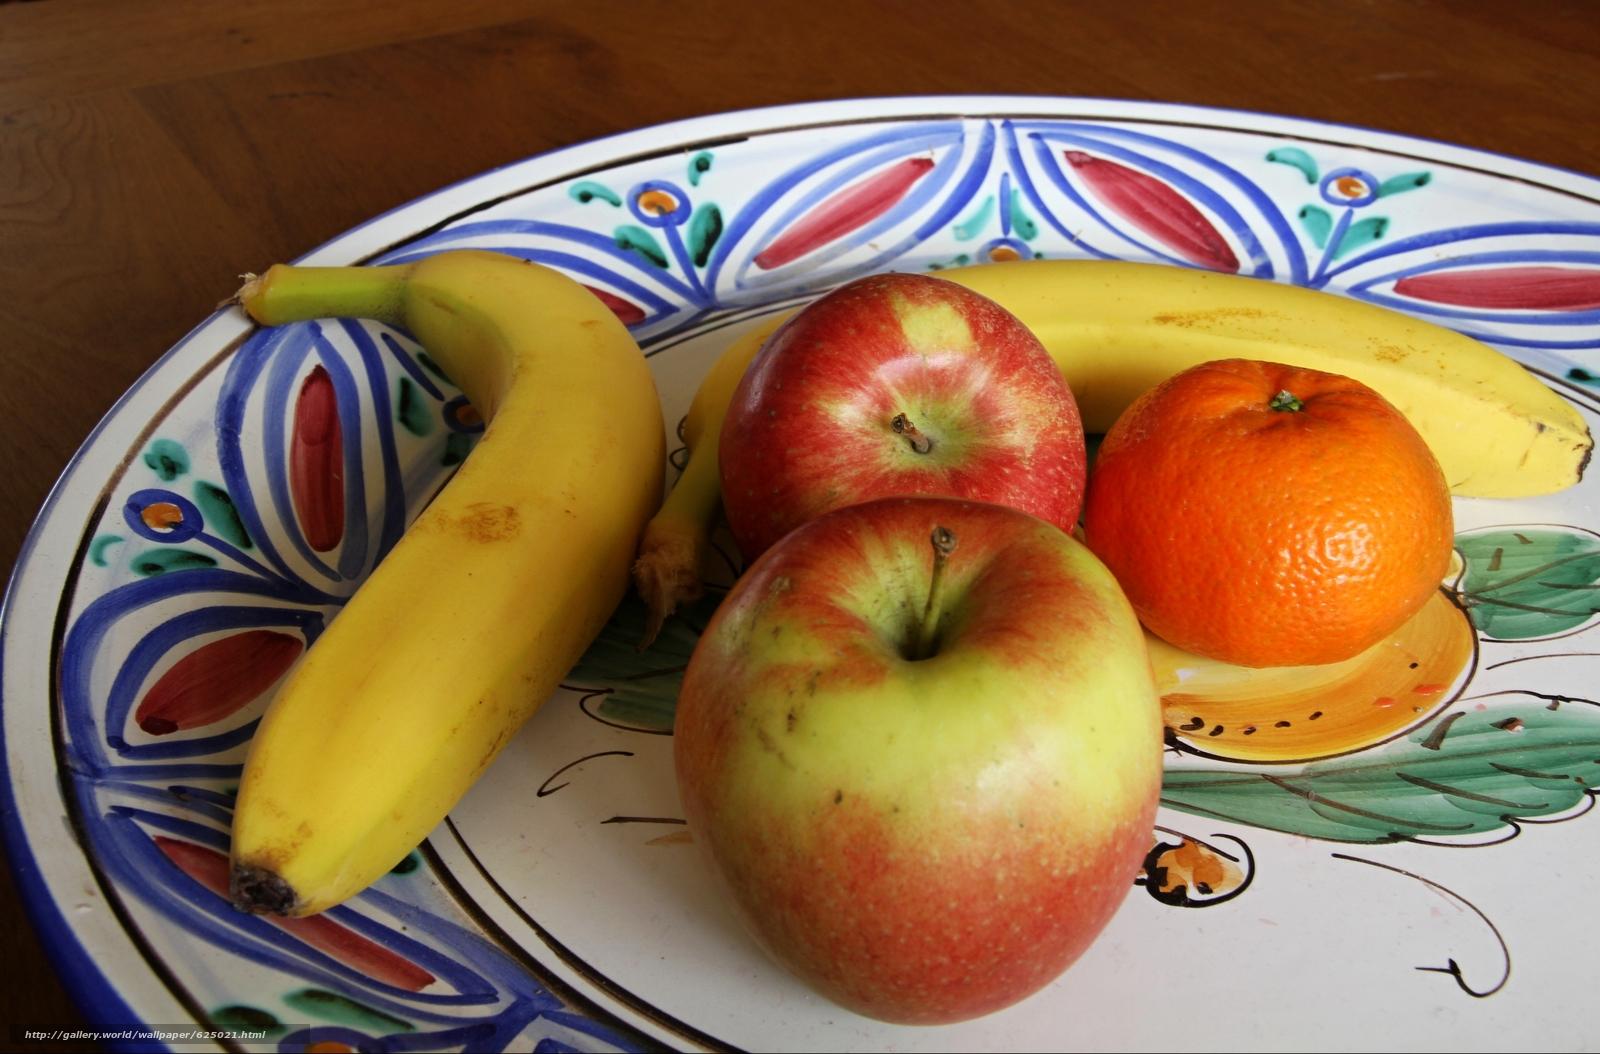 блюдо, фрукты, яблоки, банан, мандарин